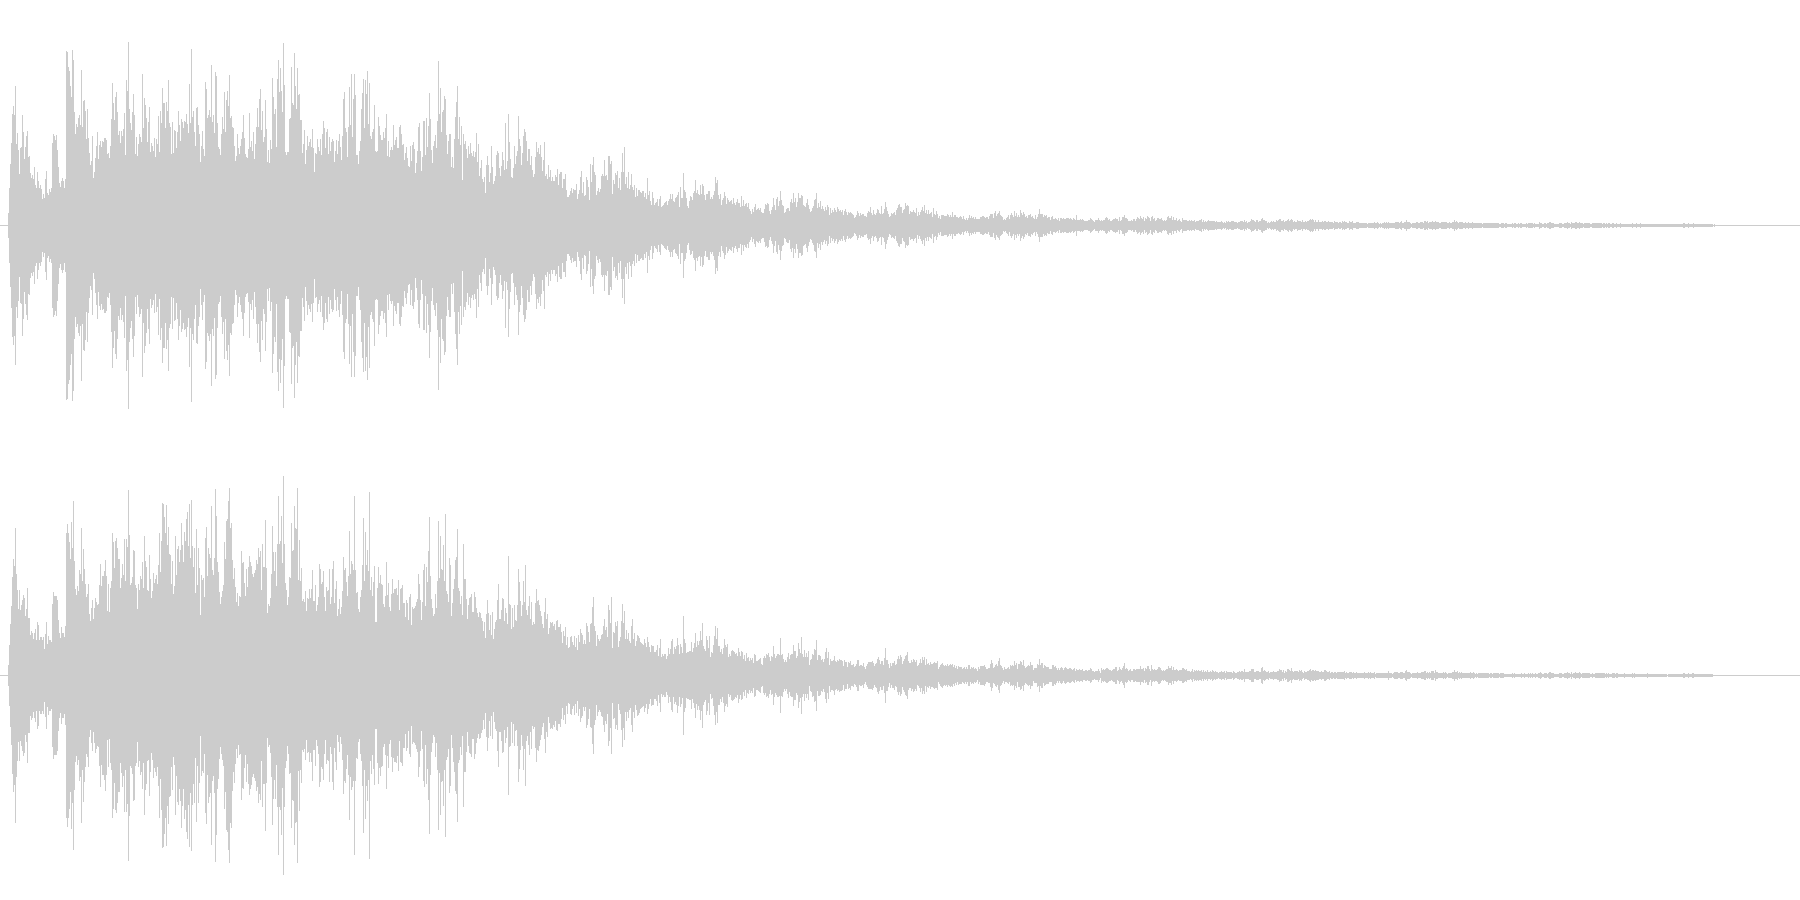 チュルチュル(甲高い擦れあう効果音)の未再生の波形